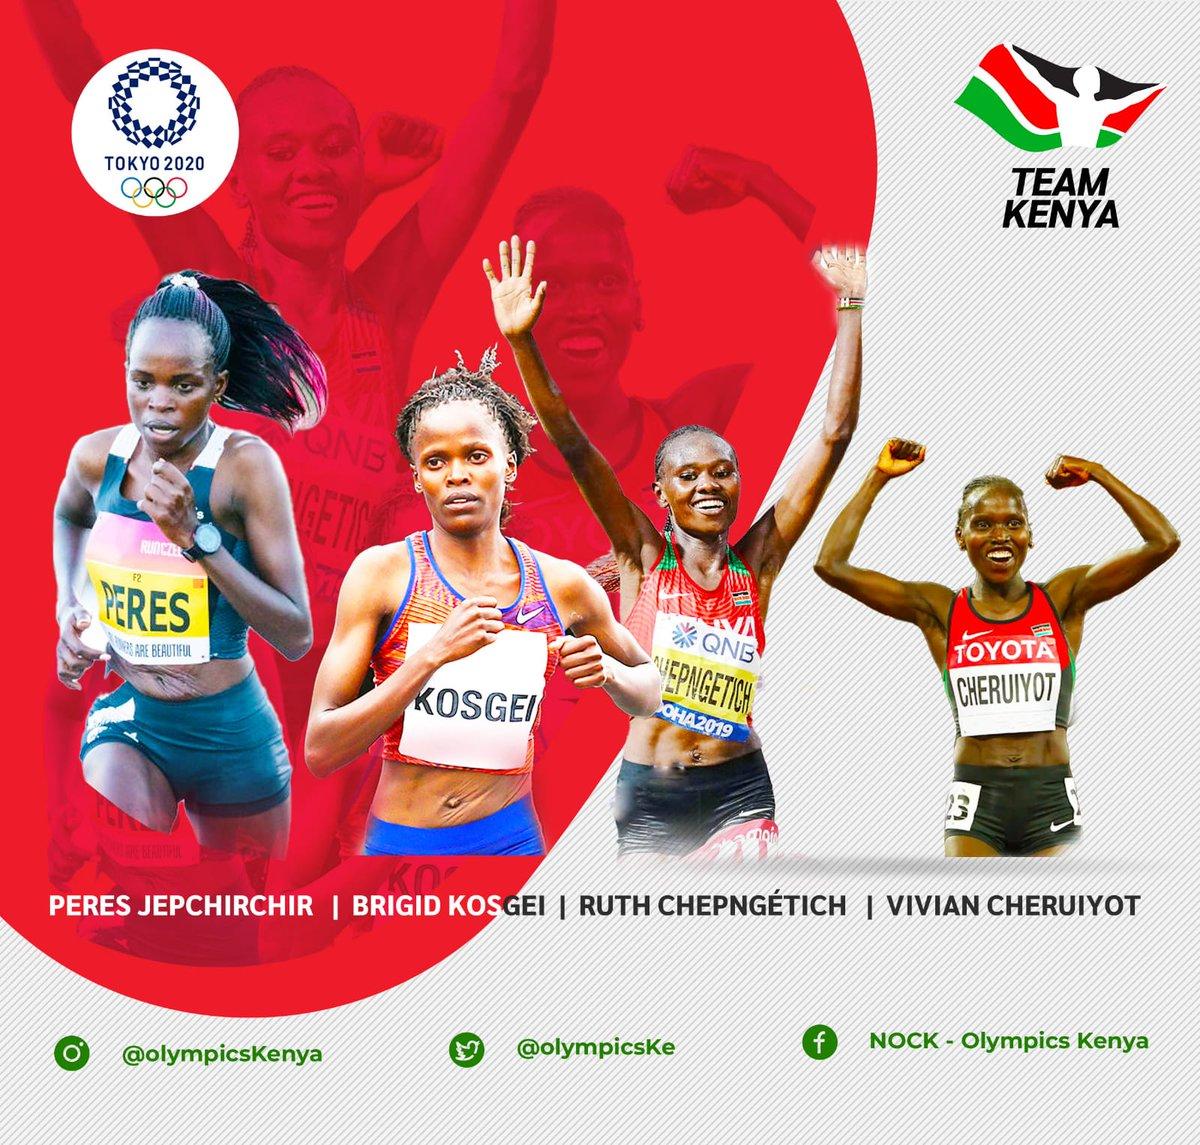 #TeamKenya Marathon queens 👑 Comment on this lineup. Excitement is checking in for #Tokyo2020 @BrigidKosgei @PeresJepchirch3 Ruth Chepngetich @VivianCheruiyot